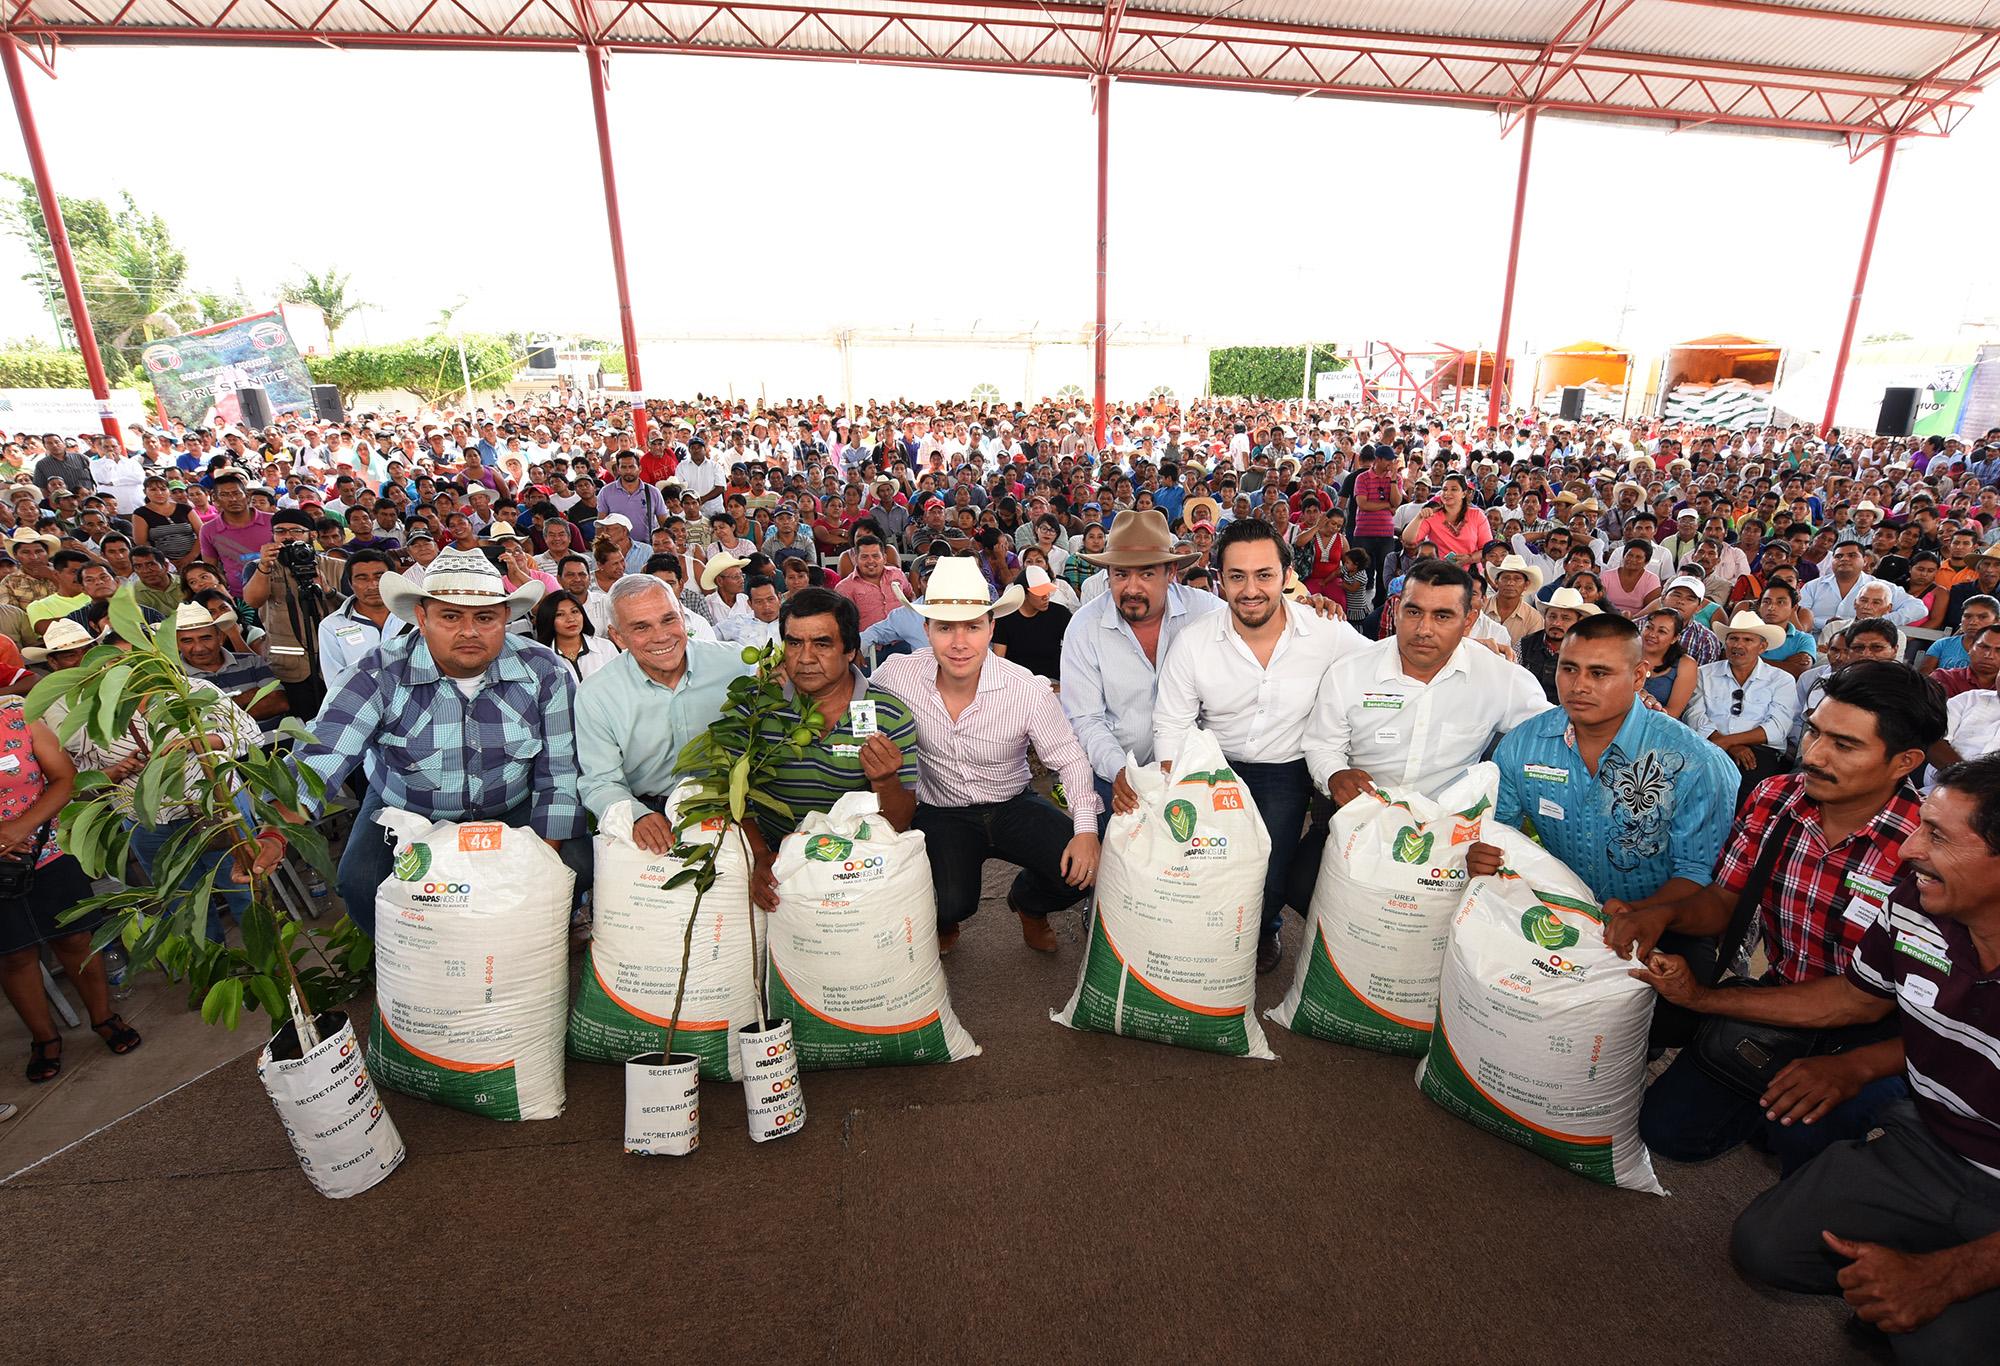 Honramos a Zapata apoyando al campesino: Velasco